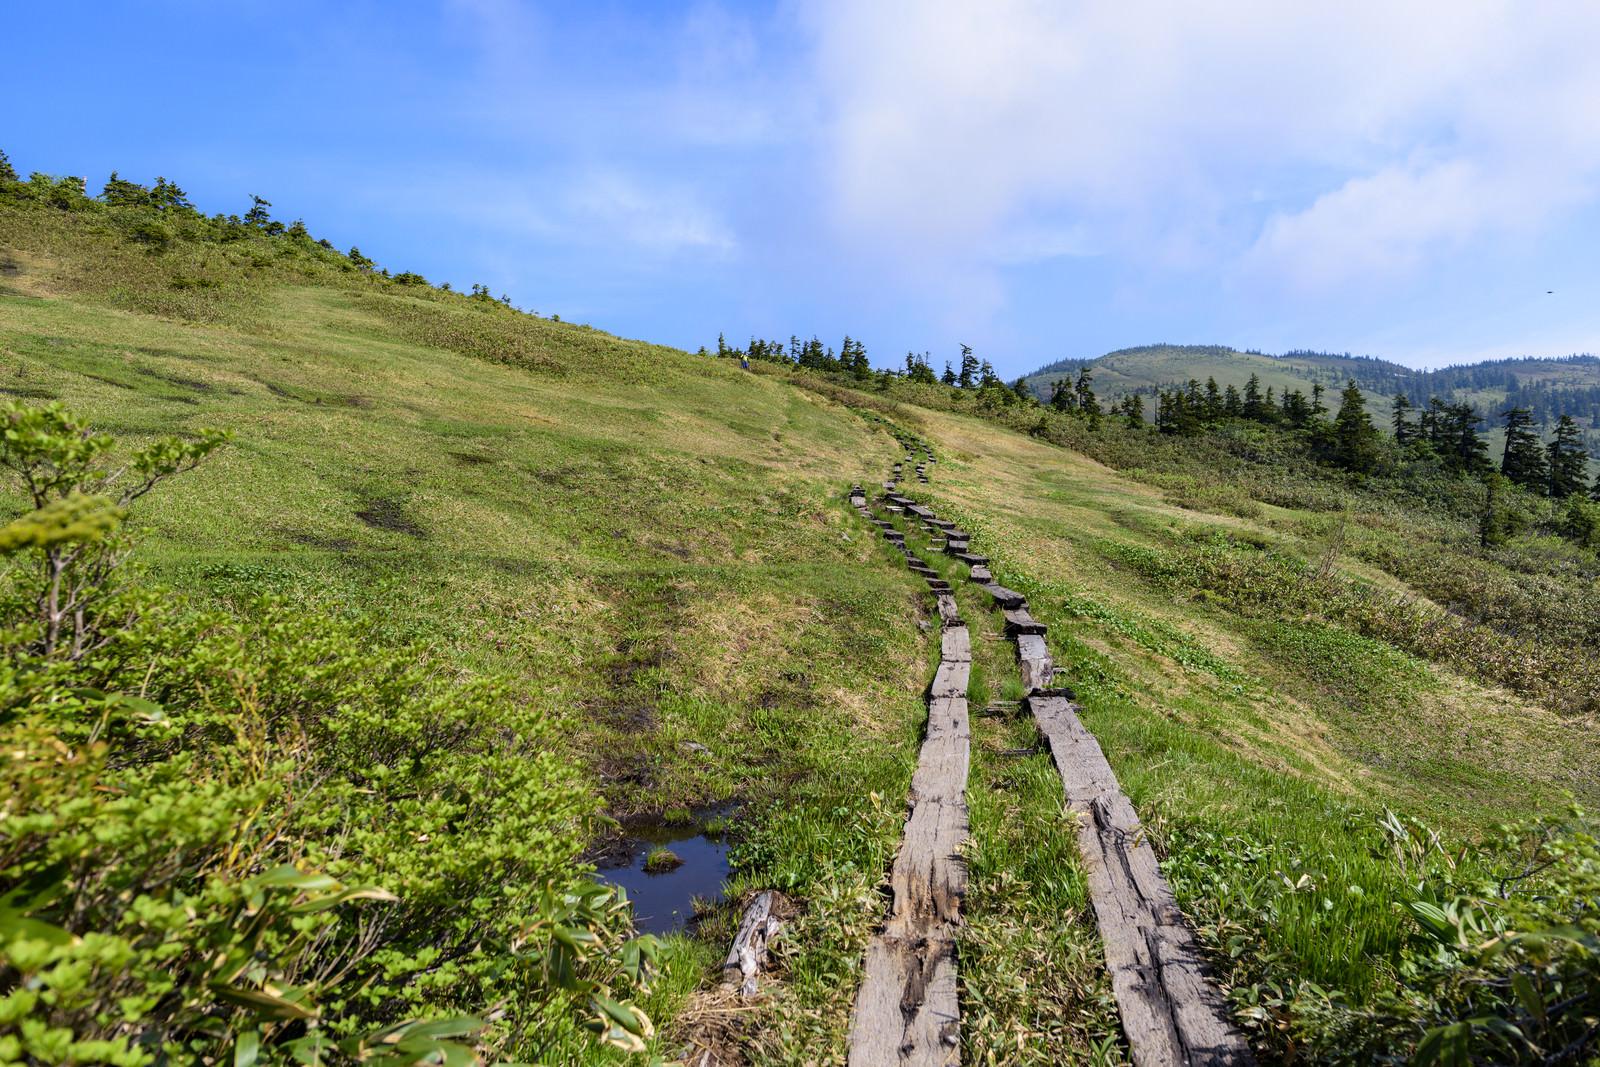 「津駒ヶ岳の山頂へと続く木道」の写真